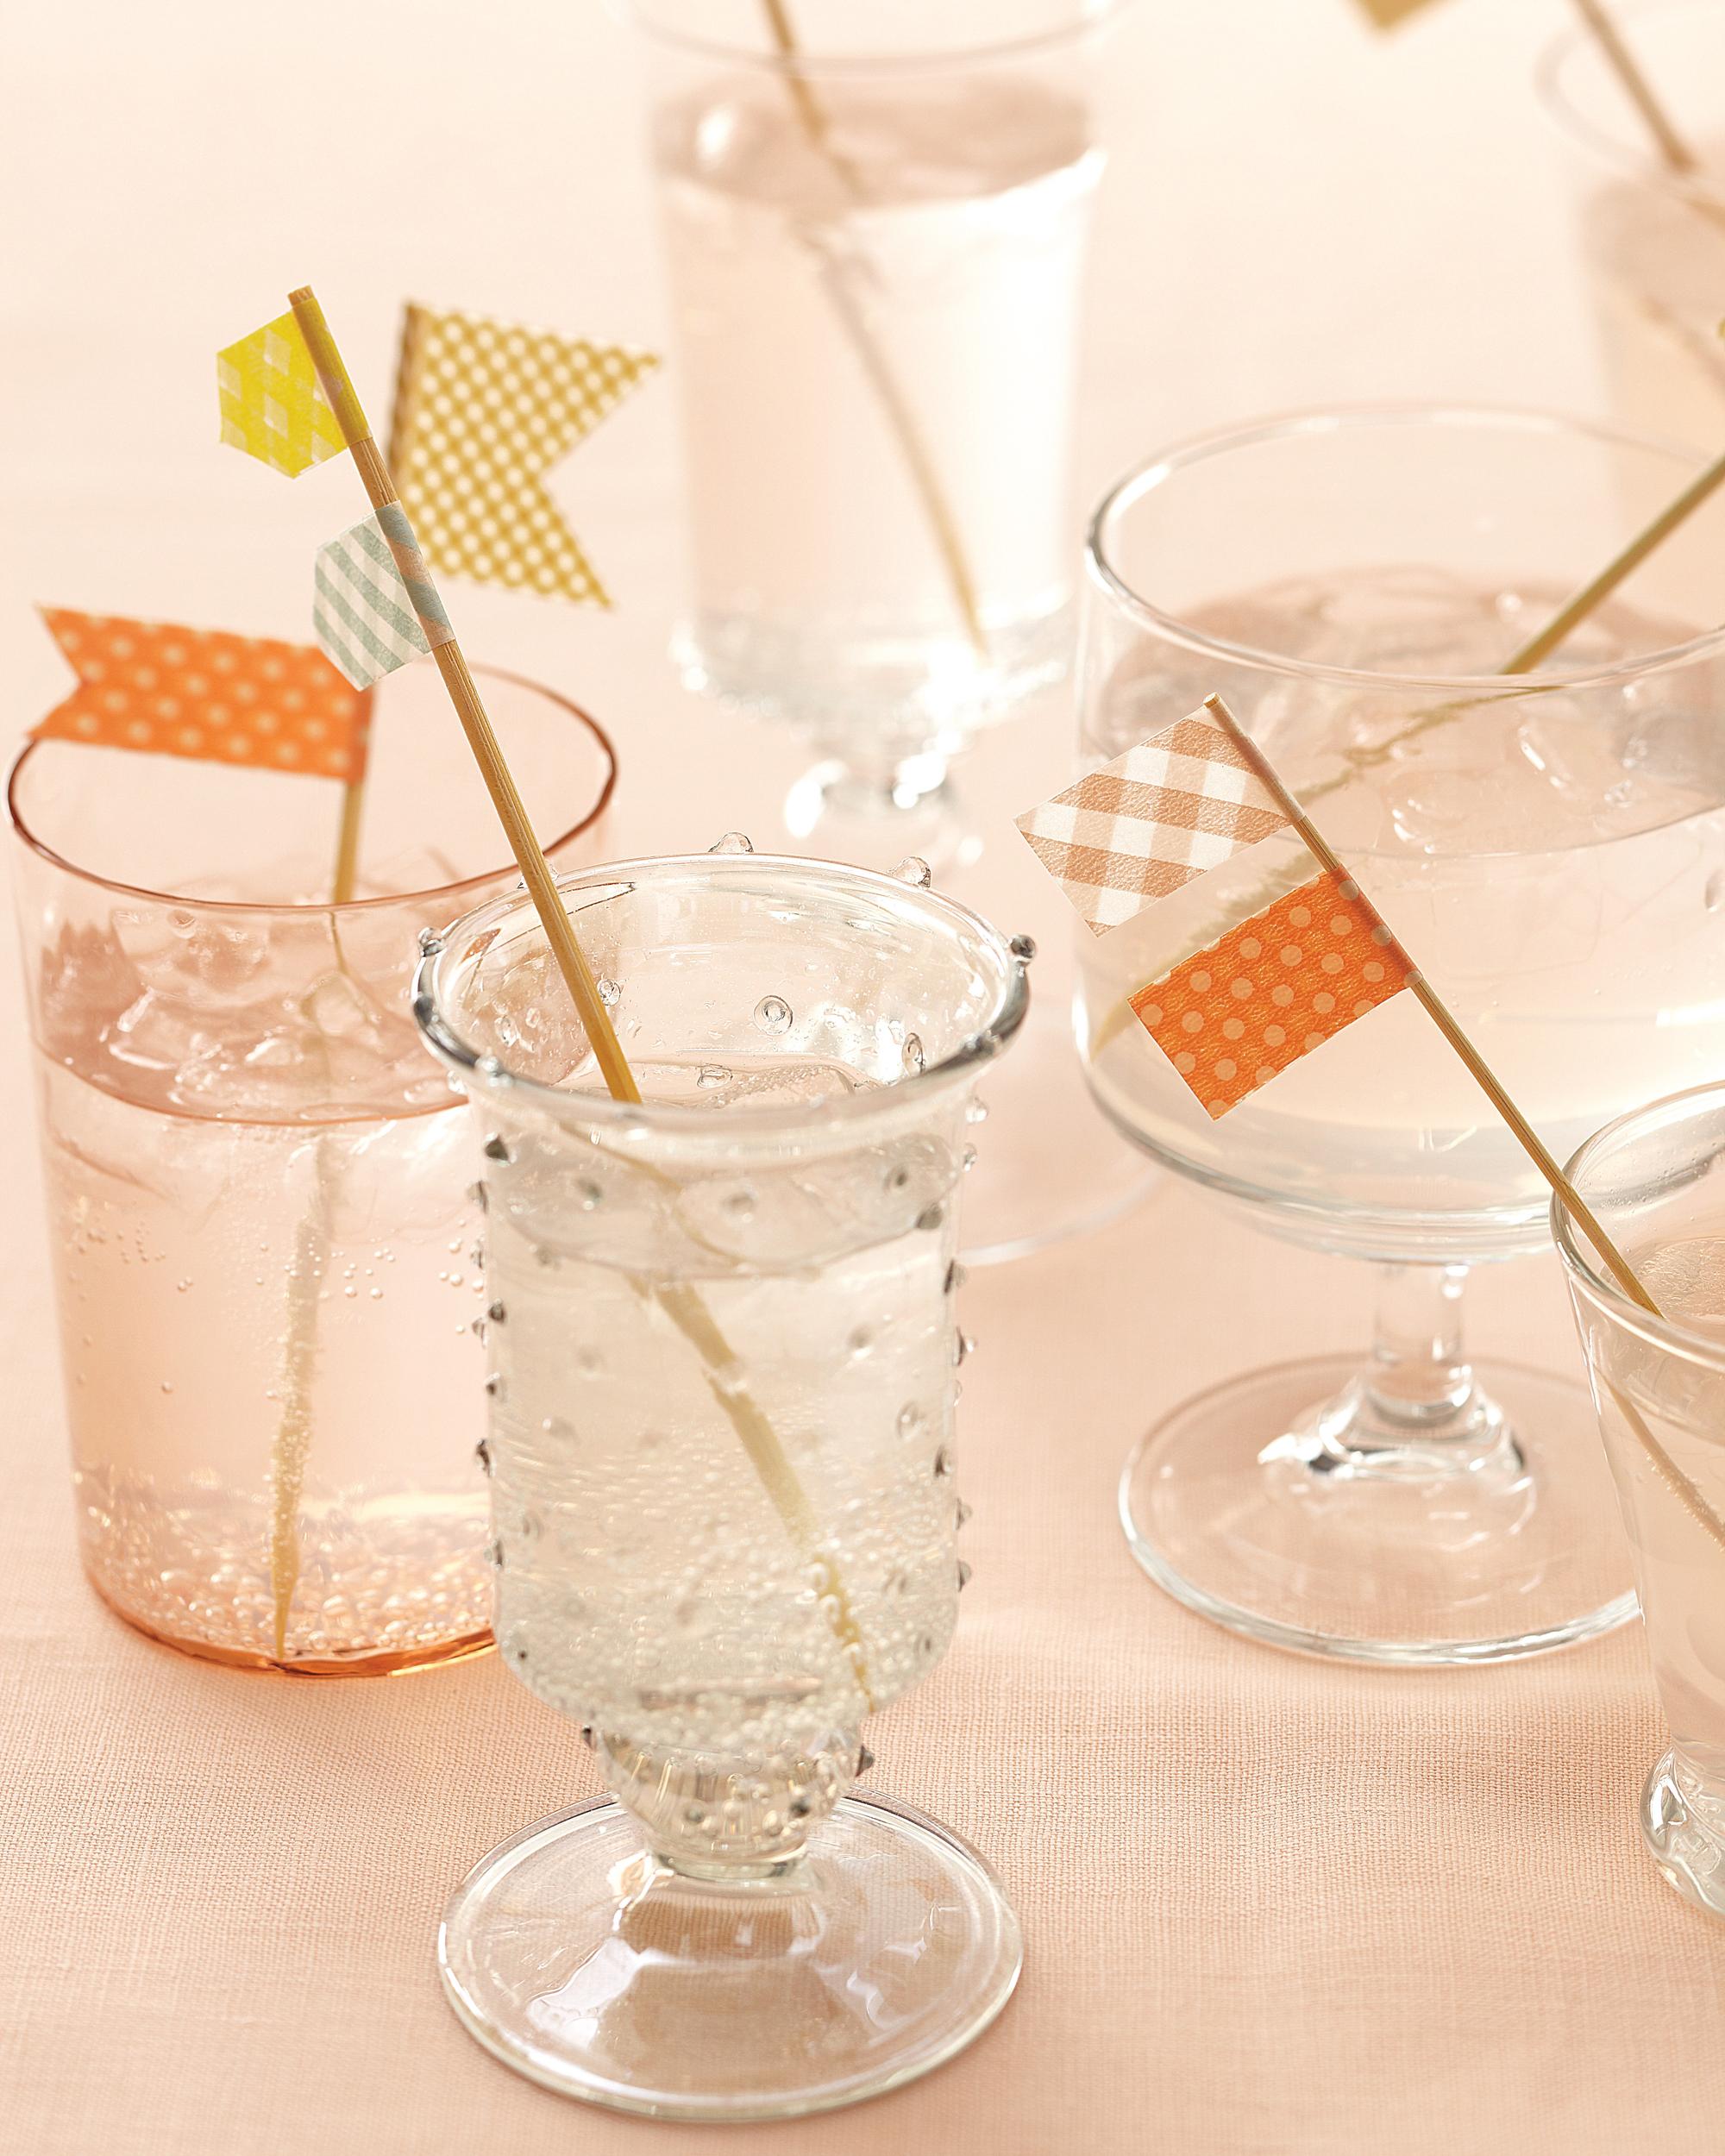 drinkflags4-sum11mwd107004.jpg